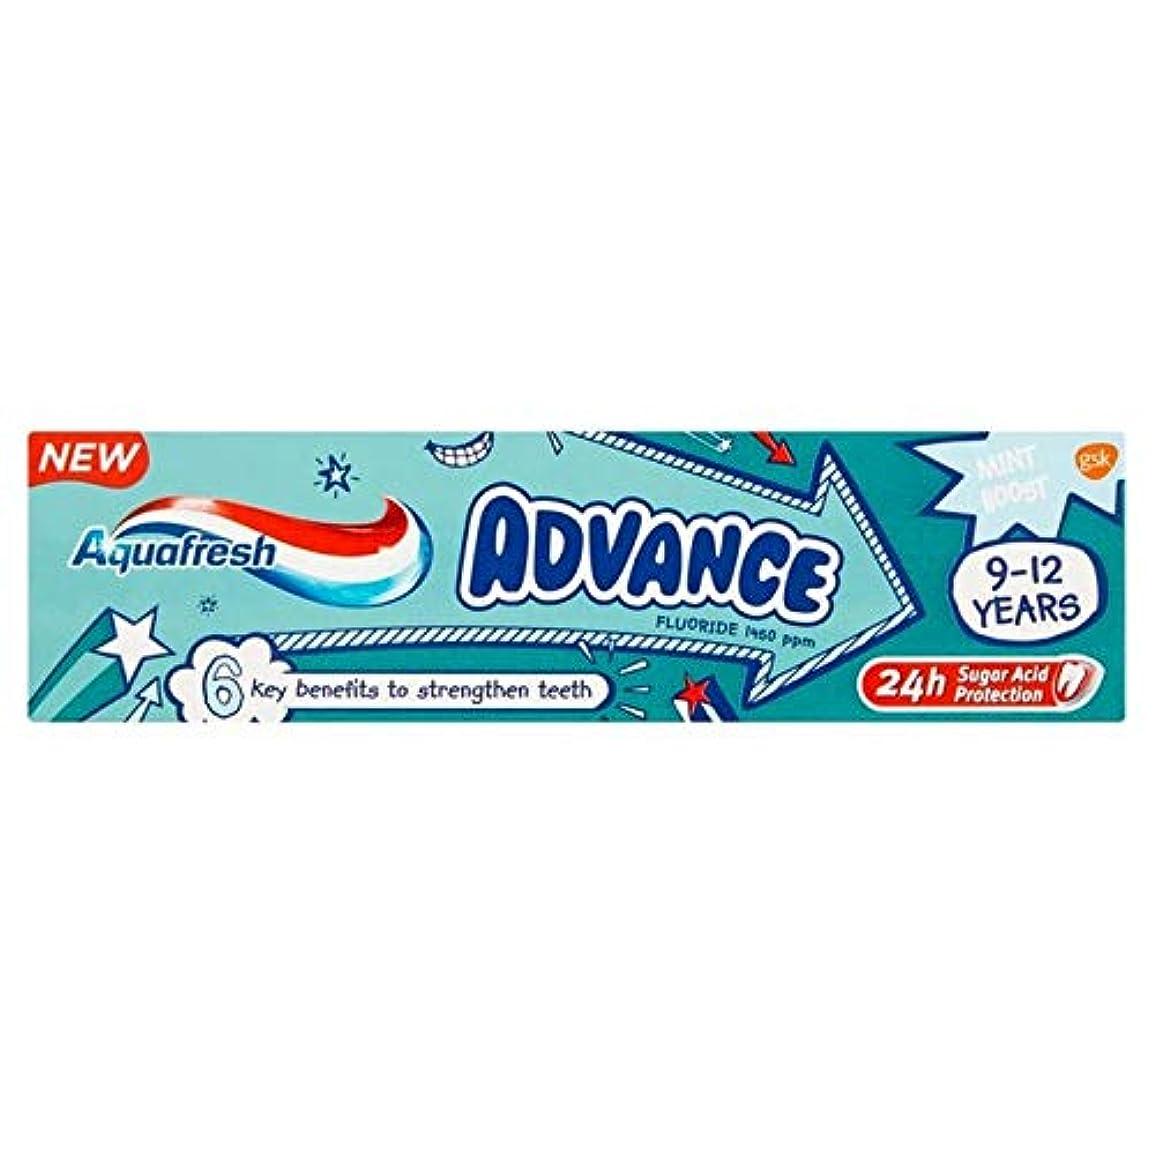 抽選ソロ薬[Aquafresh ] アクアフレッシュの事前9-12年間の子供の歯磨き粉75ミリリットル - Aquafresh Advance 9-12 Years Kids Toothpaste 75ml [並行輸入品]